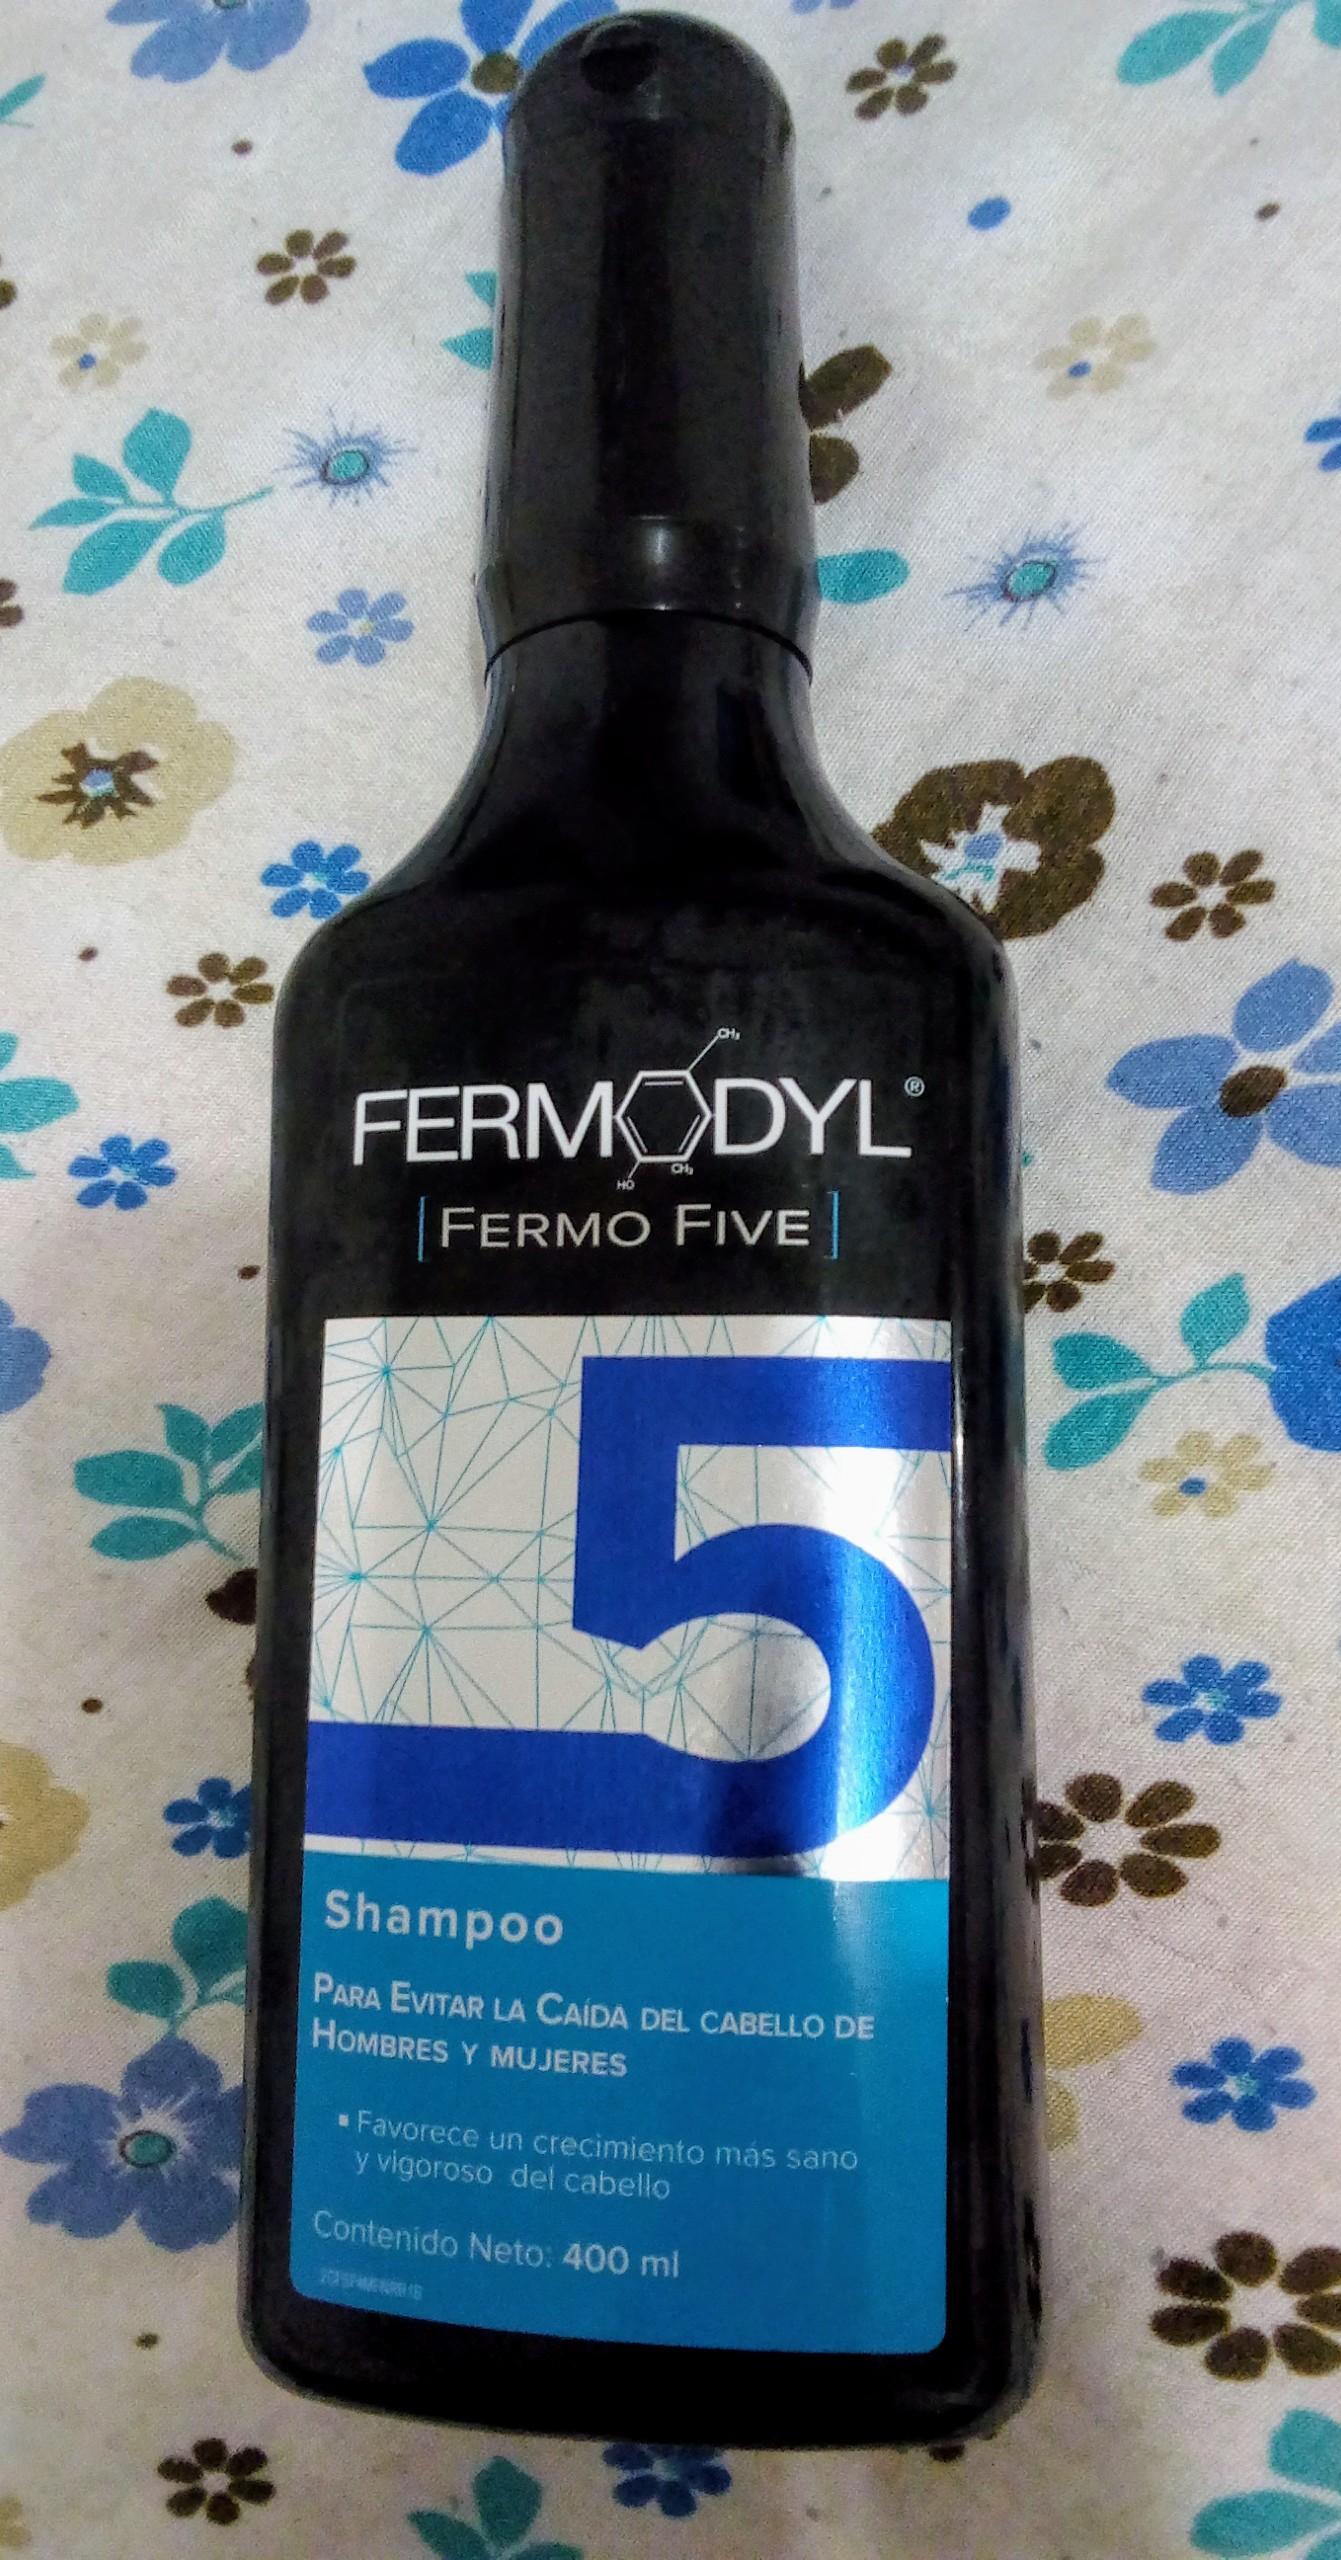 Bodega Aurrera Díaz Mirón - Shampoo Fermodyl$5.01 y más ya publicadas